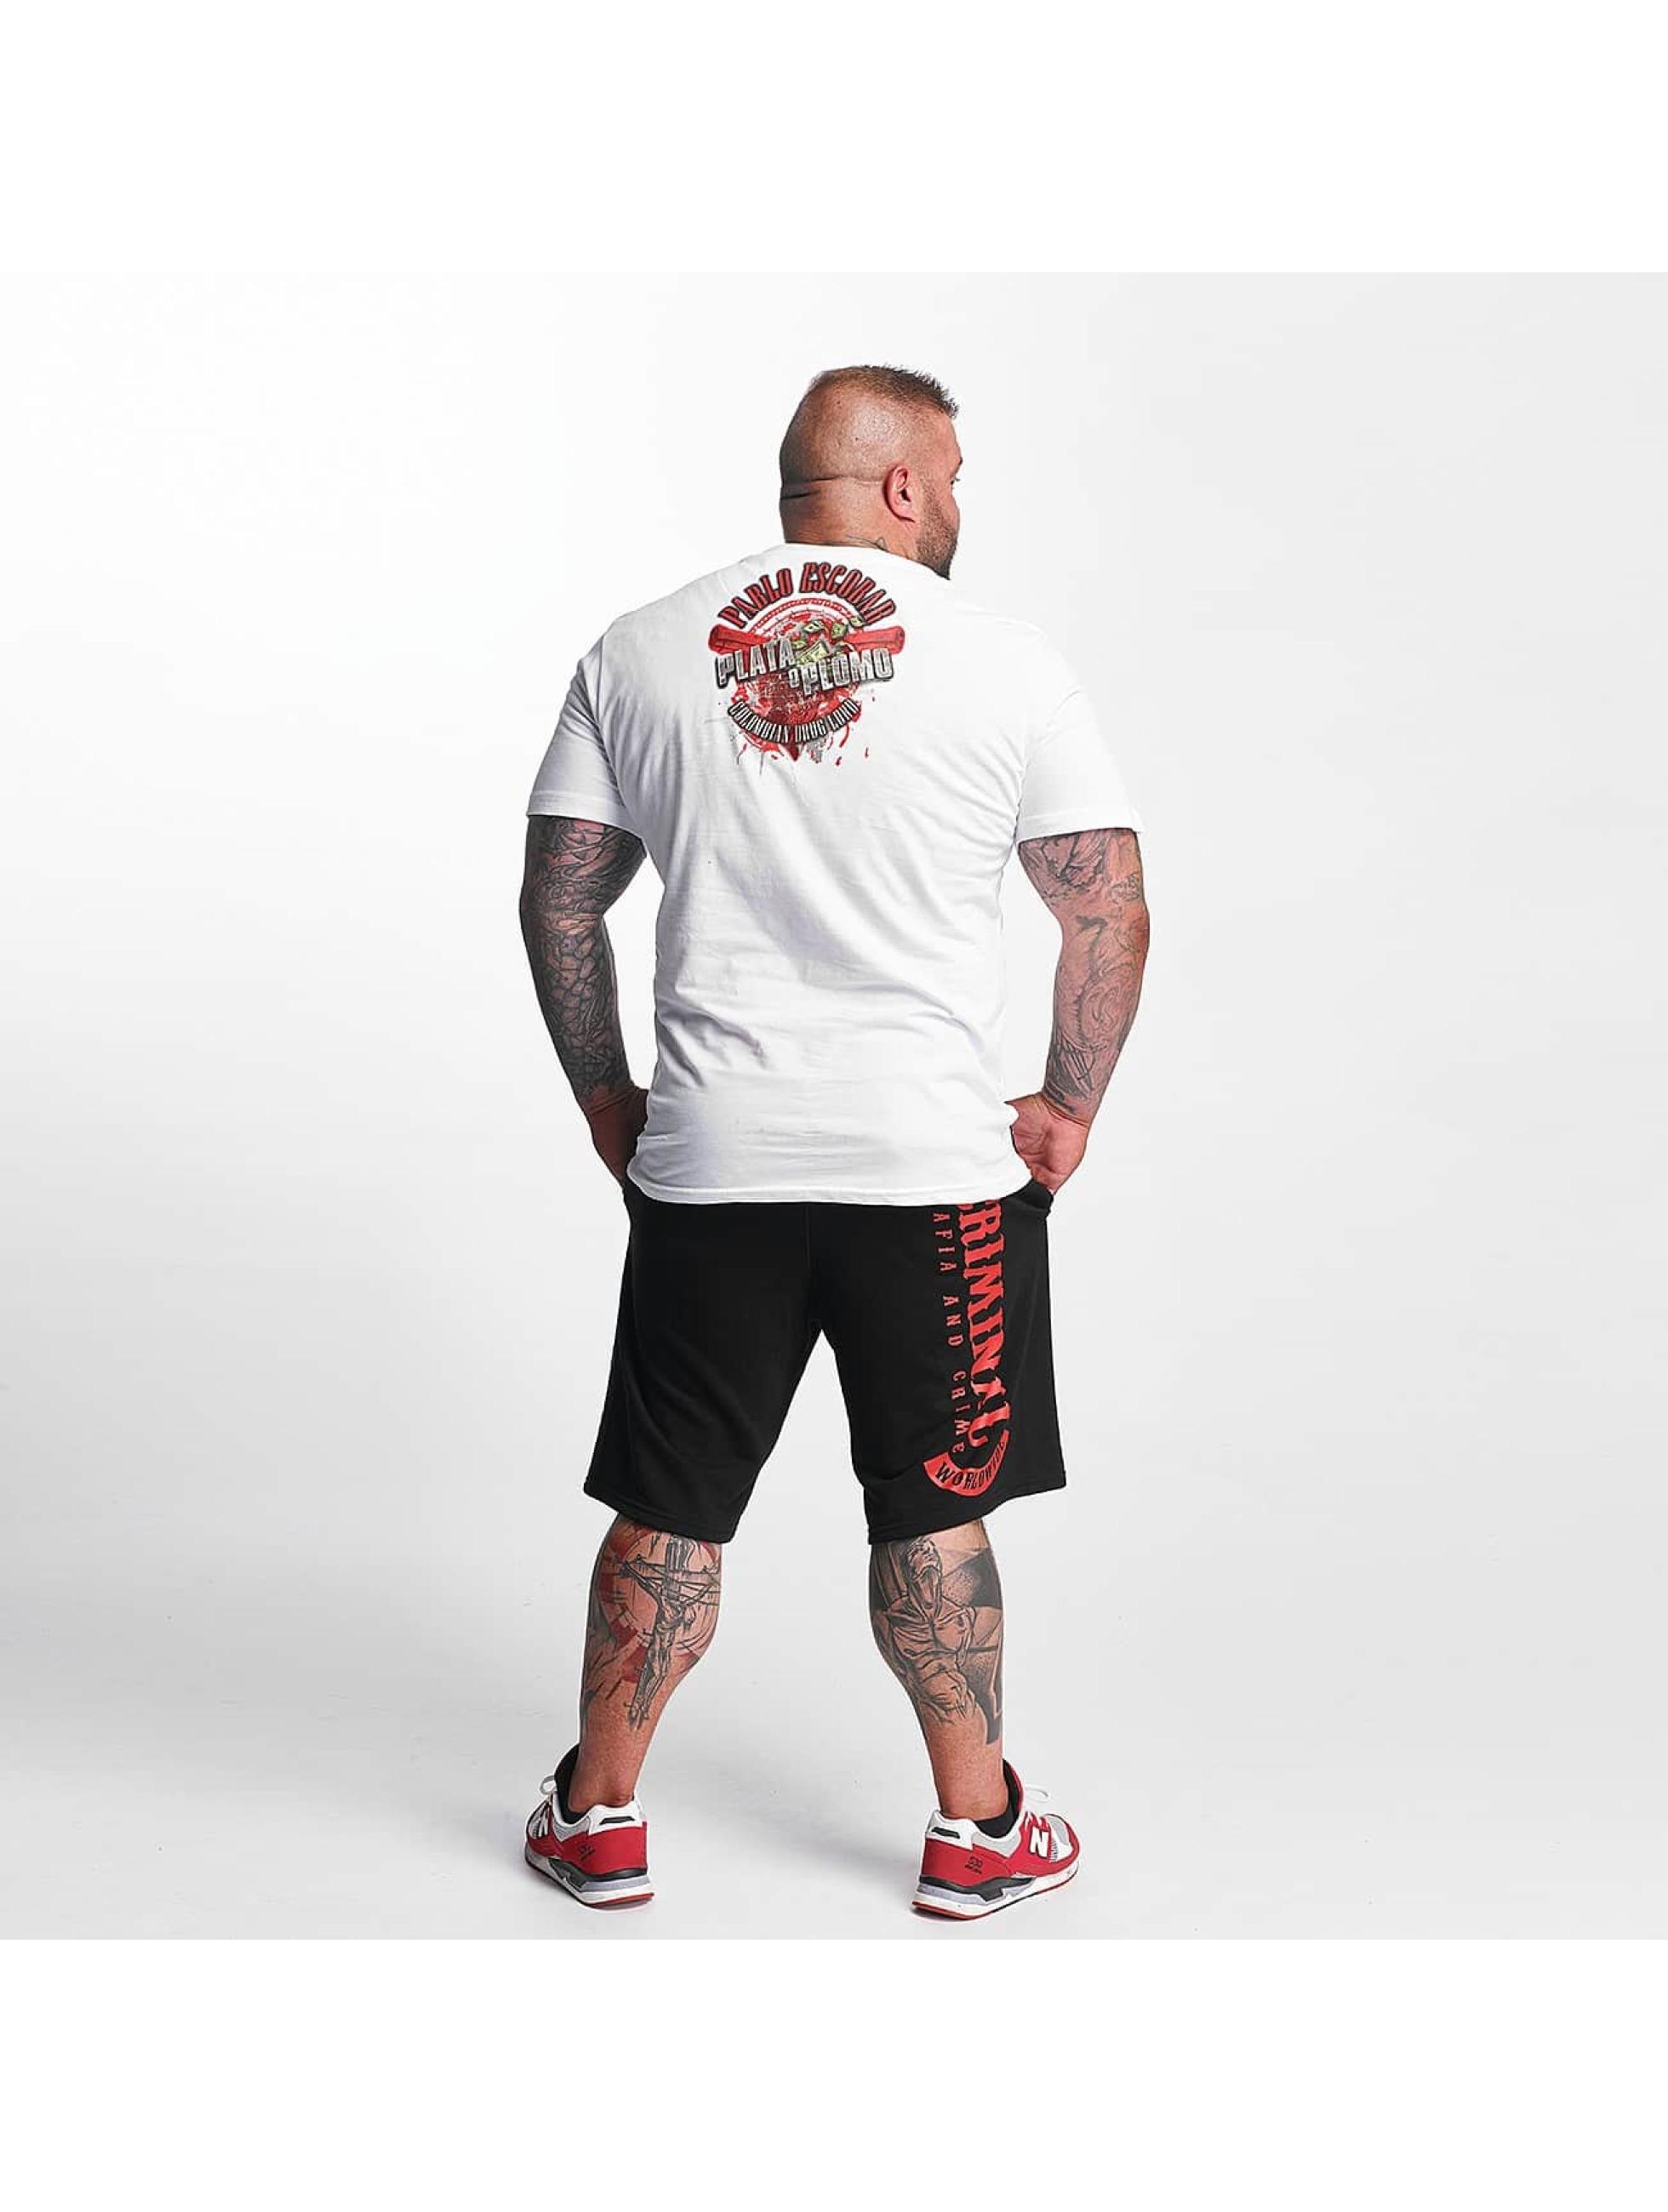 Mafia & Crime T-Shirt Plata o Plomo white